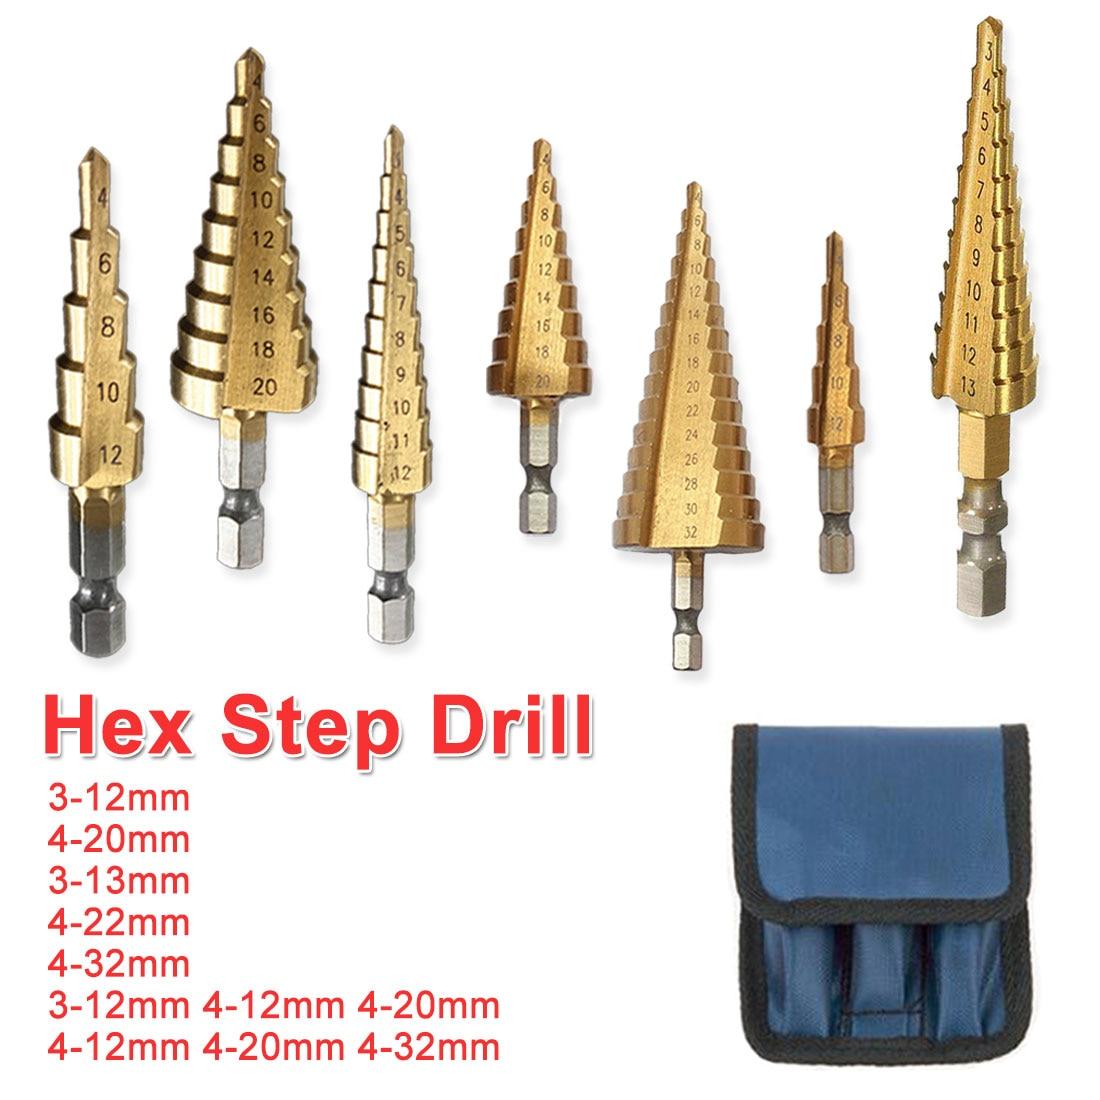 3pcs 3-12mm//4-12mm//4-20mm Hex Shank HSS Steel Straight Slot Hole Step Drill Bits